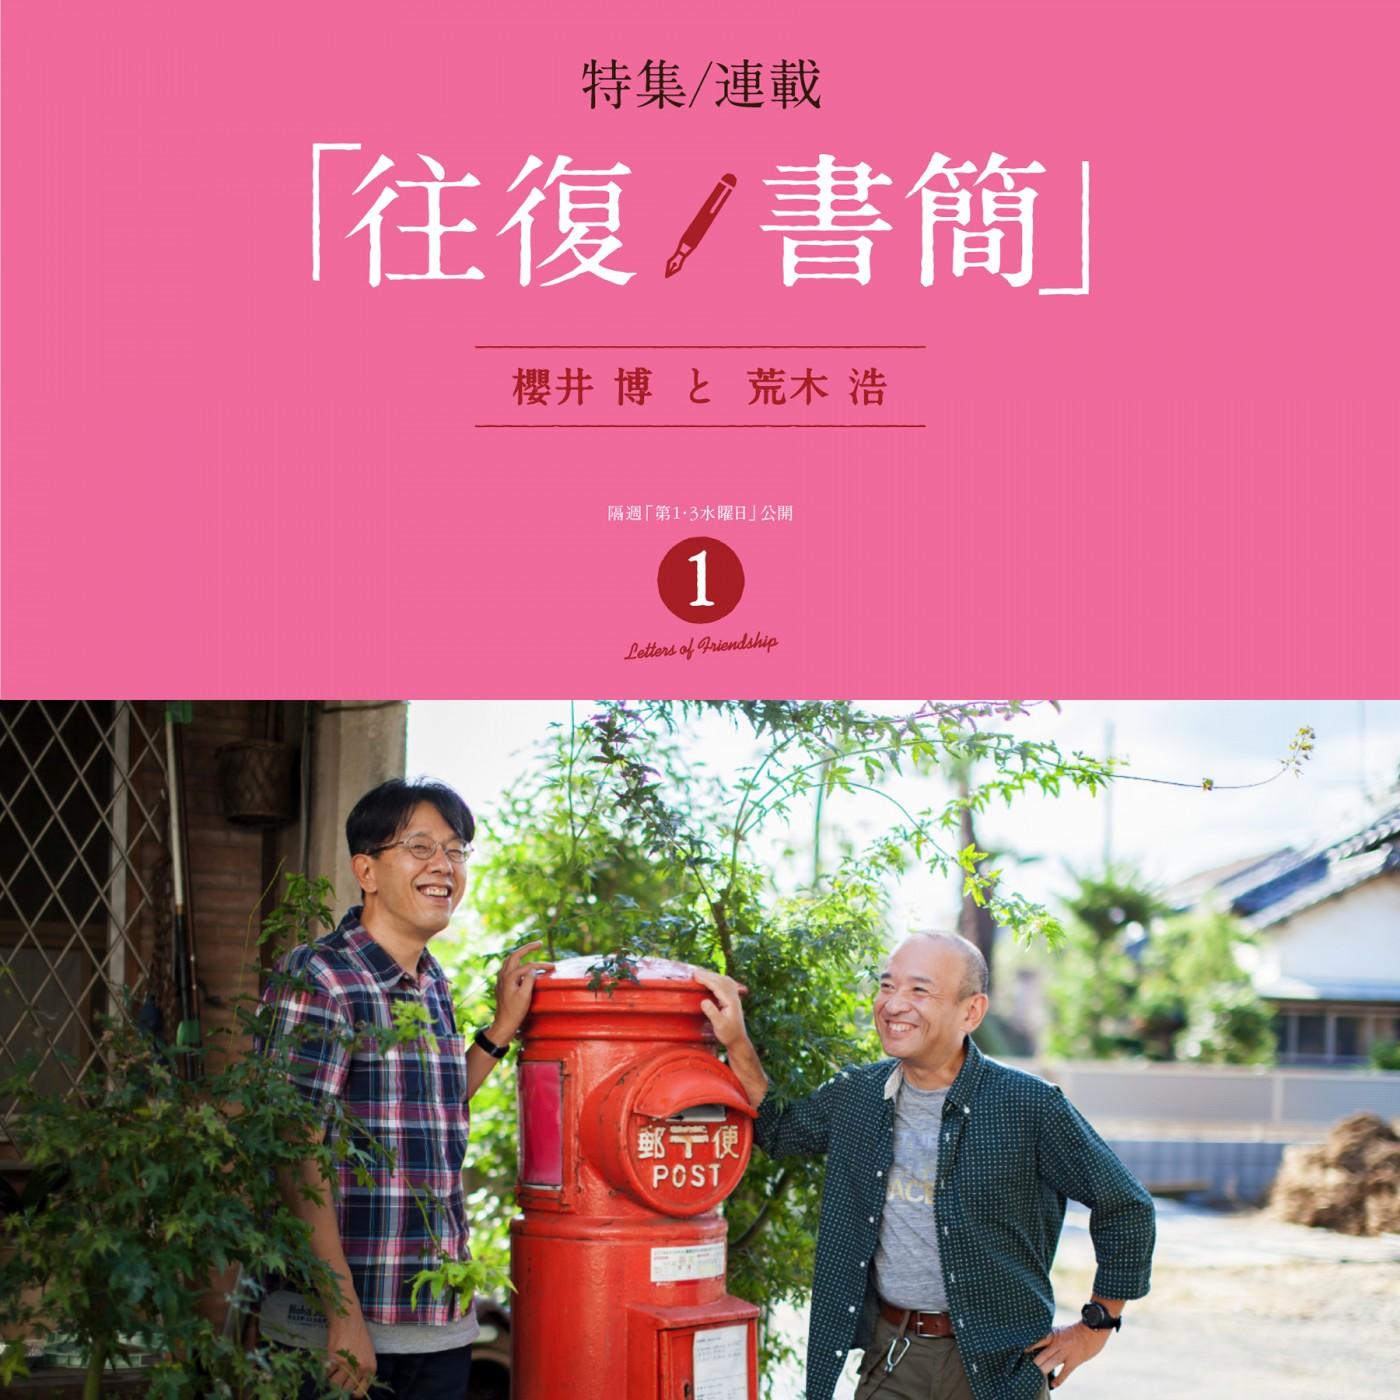 往復書簡 01 荒木浩と櫻井博 Part4 くくりつけられた心。主治医との出会いがもたらしたもの